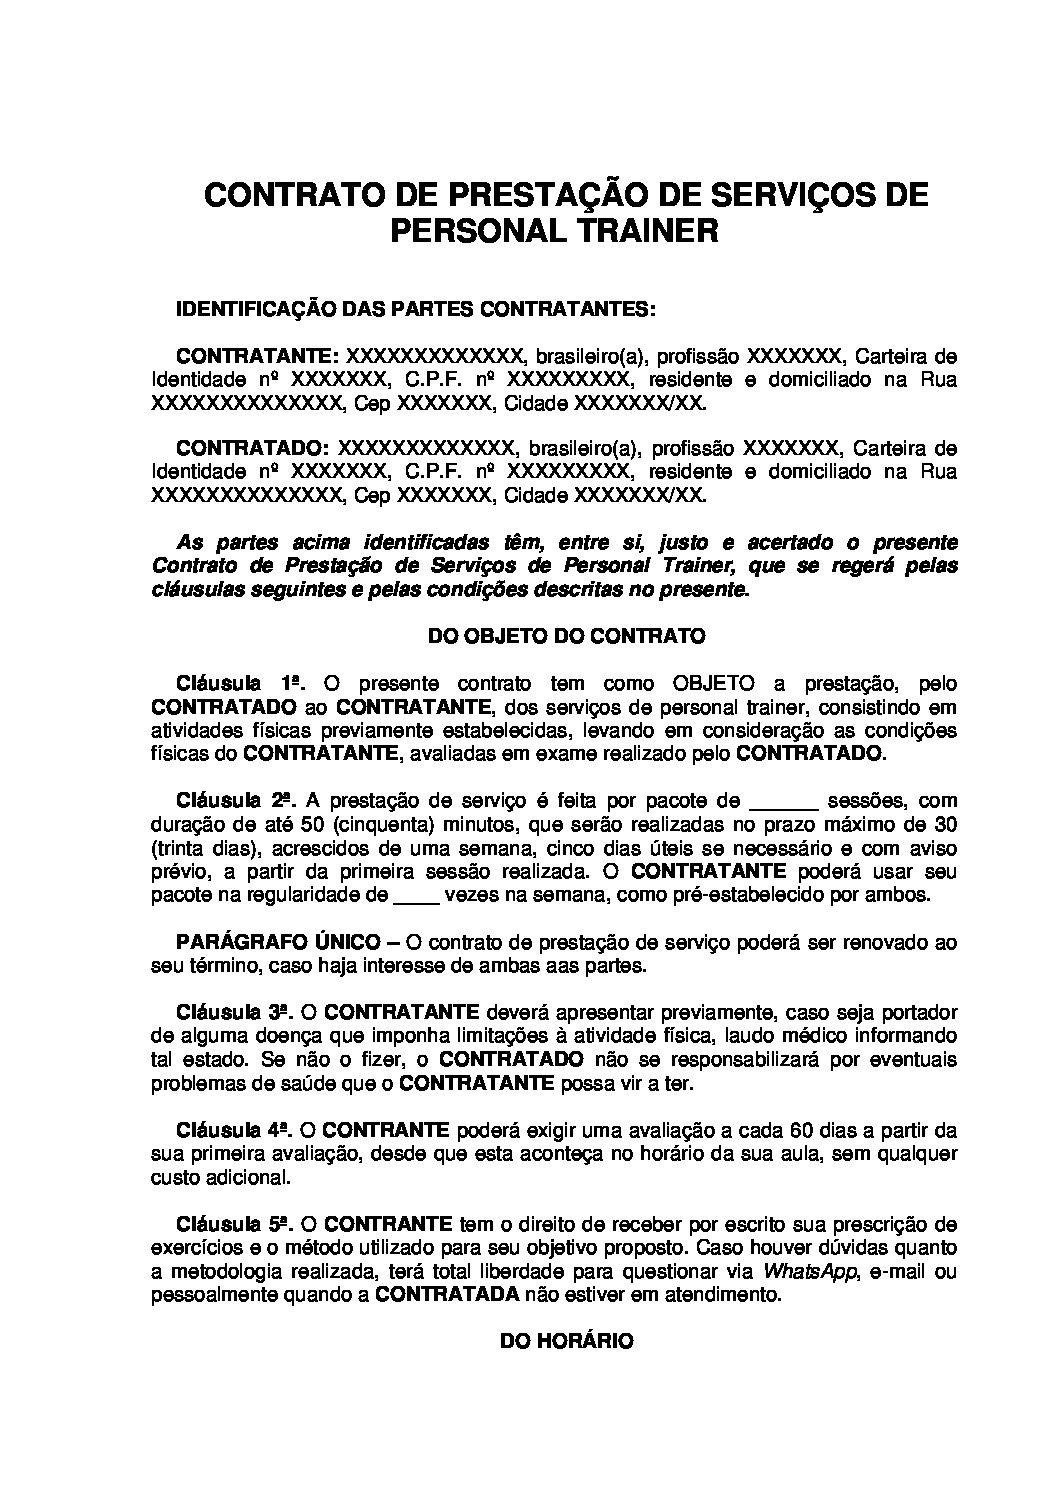 Contrato de Prestação de Serviços de Personal Trainer